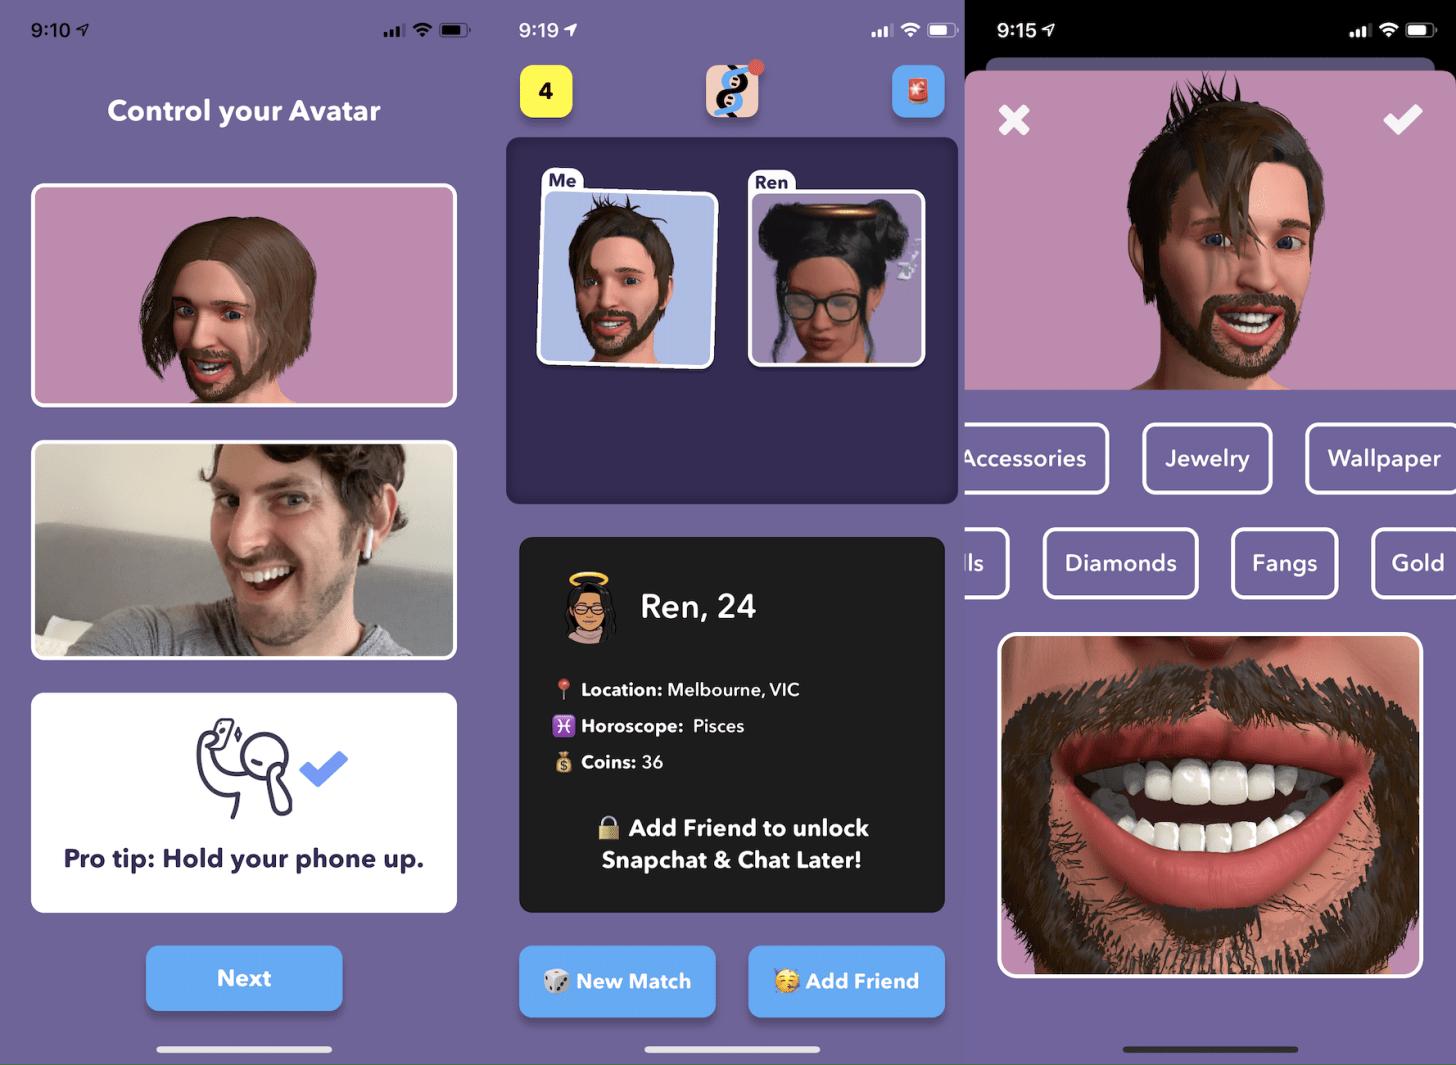 """科技趨勢 Josh Constine - SignalFire on Twitter: """"Itsme is dating in the multiverse.  I wrote about how it turns a selfie into a customizable avatar that you  video chat through https://t.co/syqjZdhE0e… https://t.co/8OYWZYbSl9"""""""